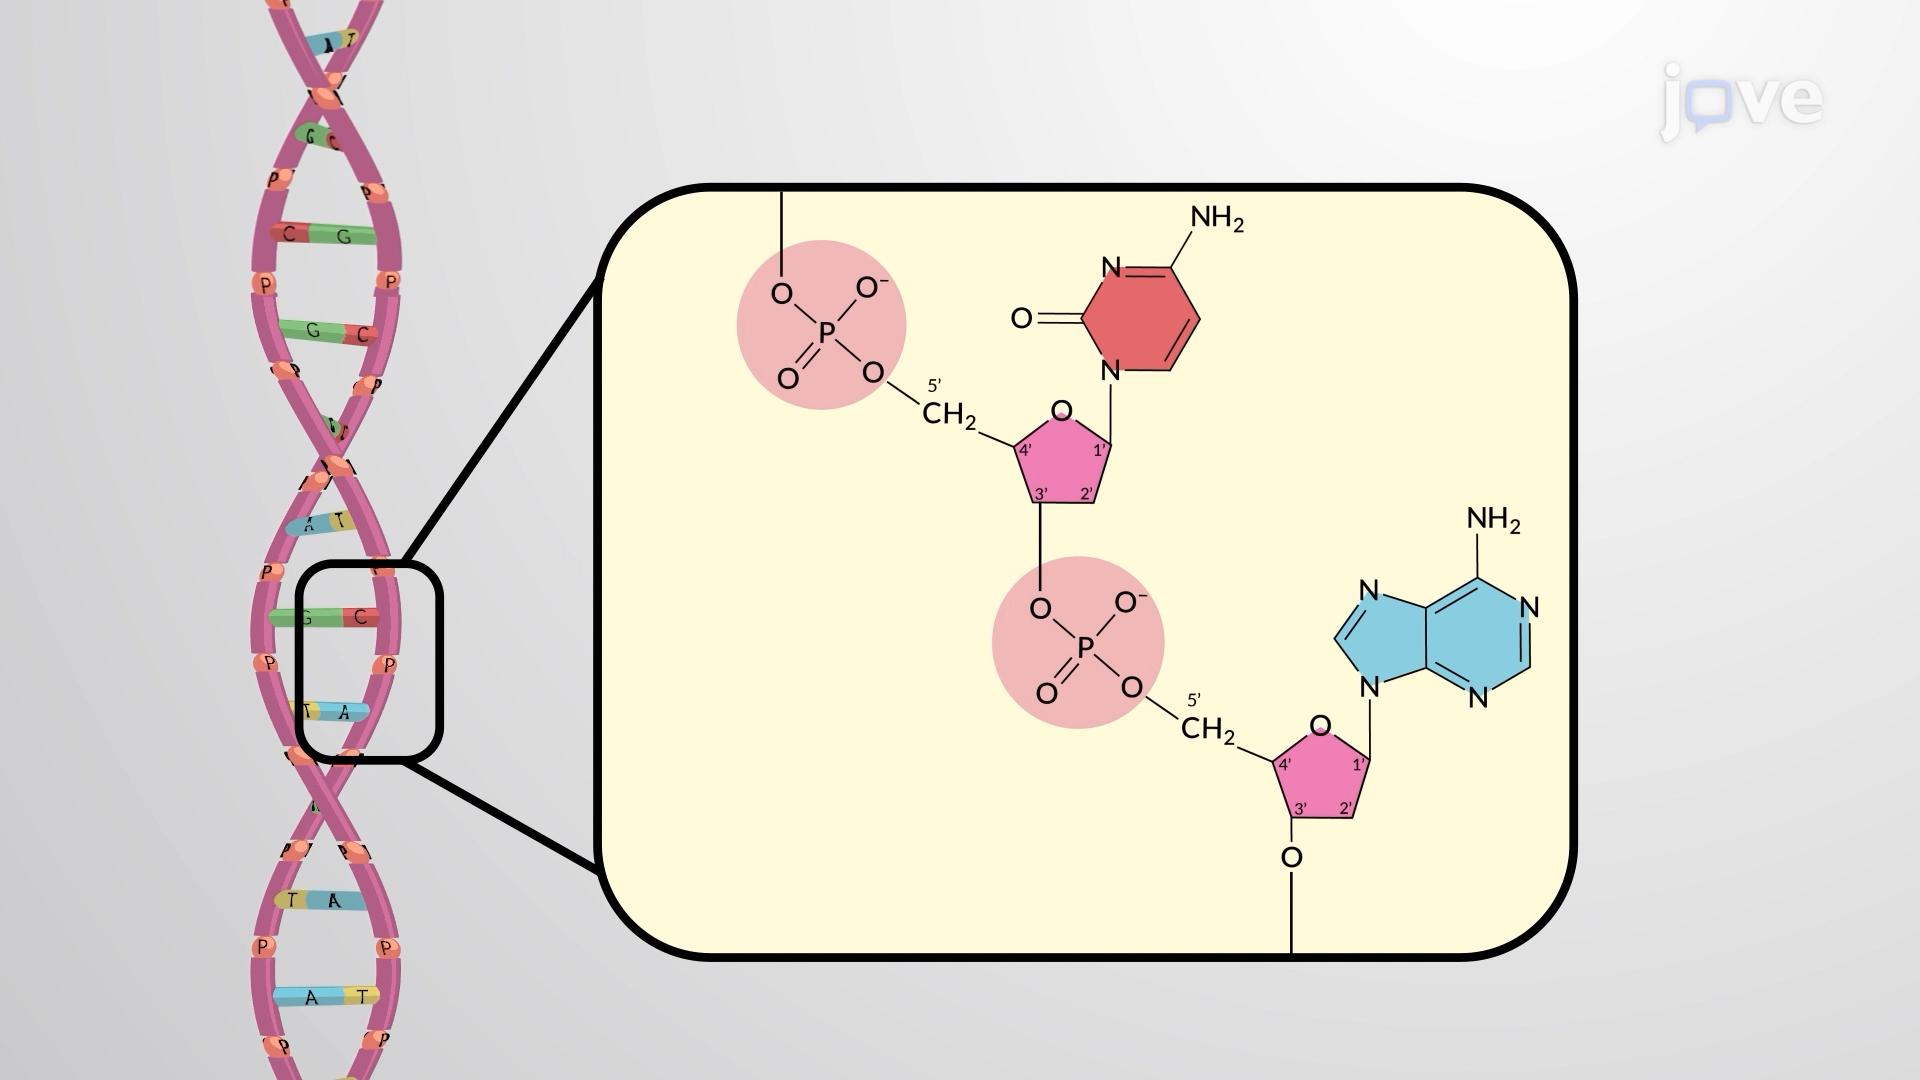 磷酸二酯键